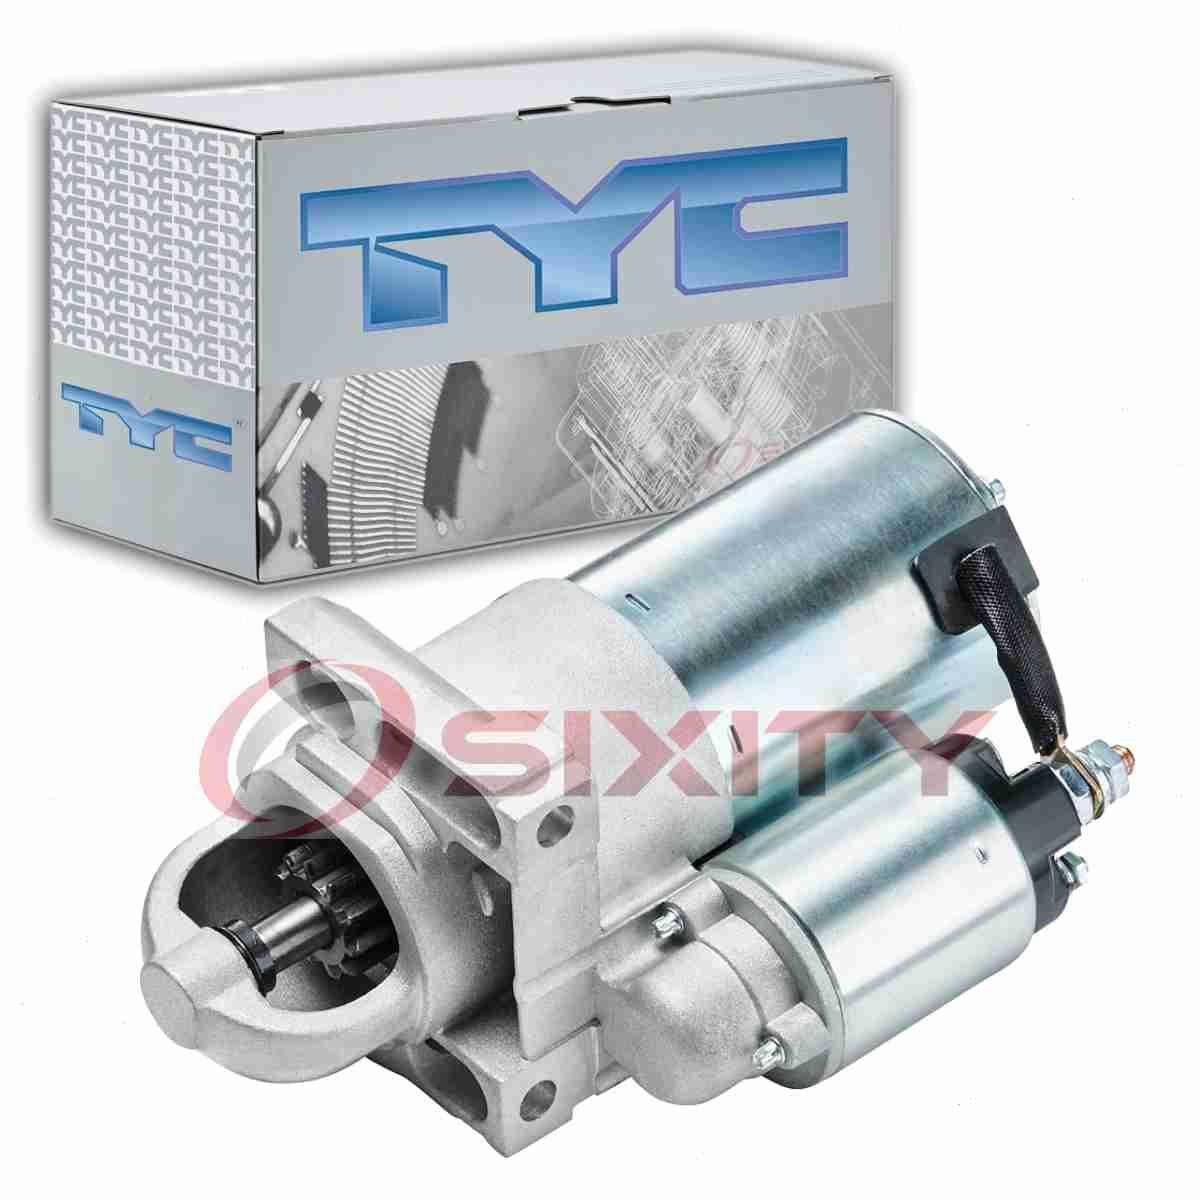 TYC Starter Motor for 1994-1999 Chevrolet C1500 5.0L V8 5.7L V8 hs